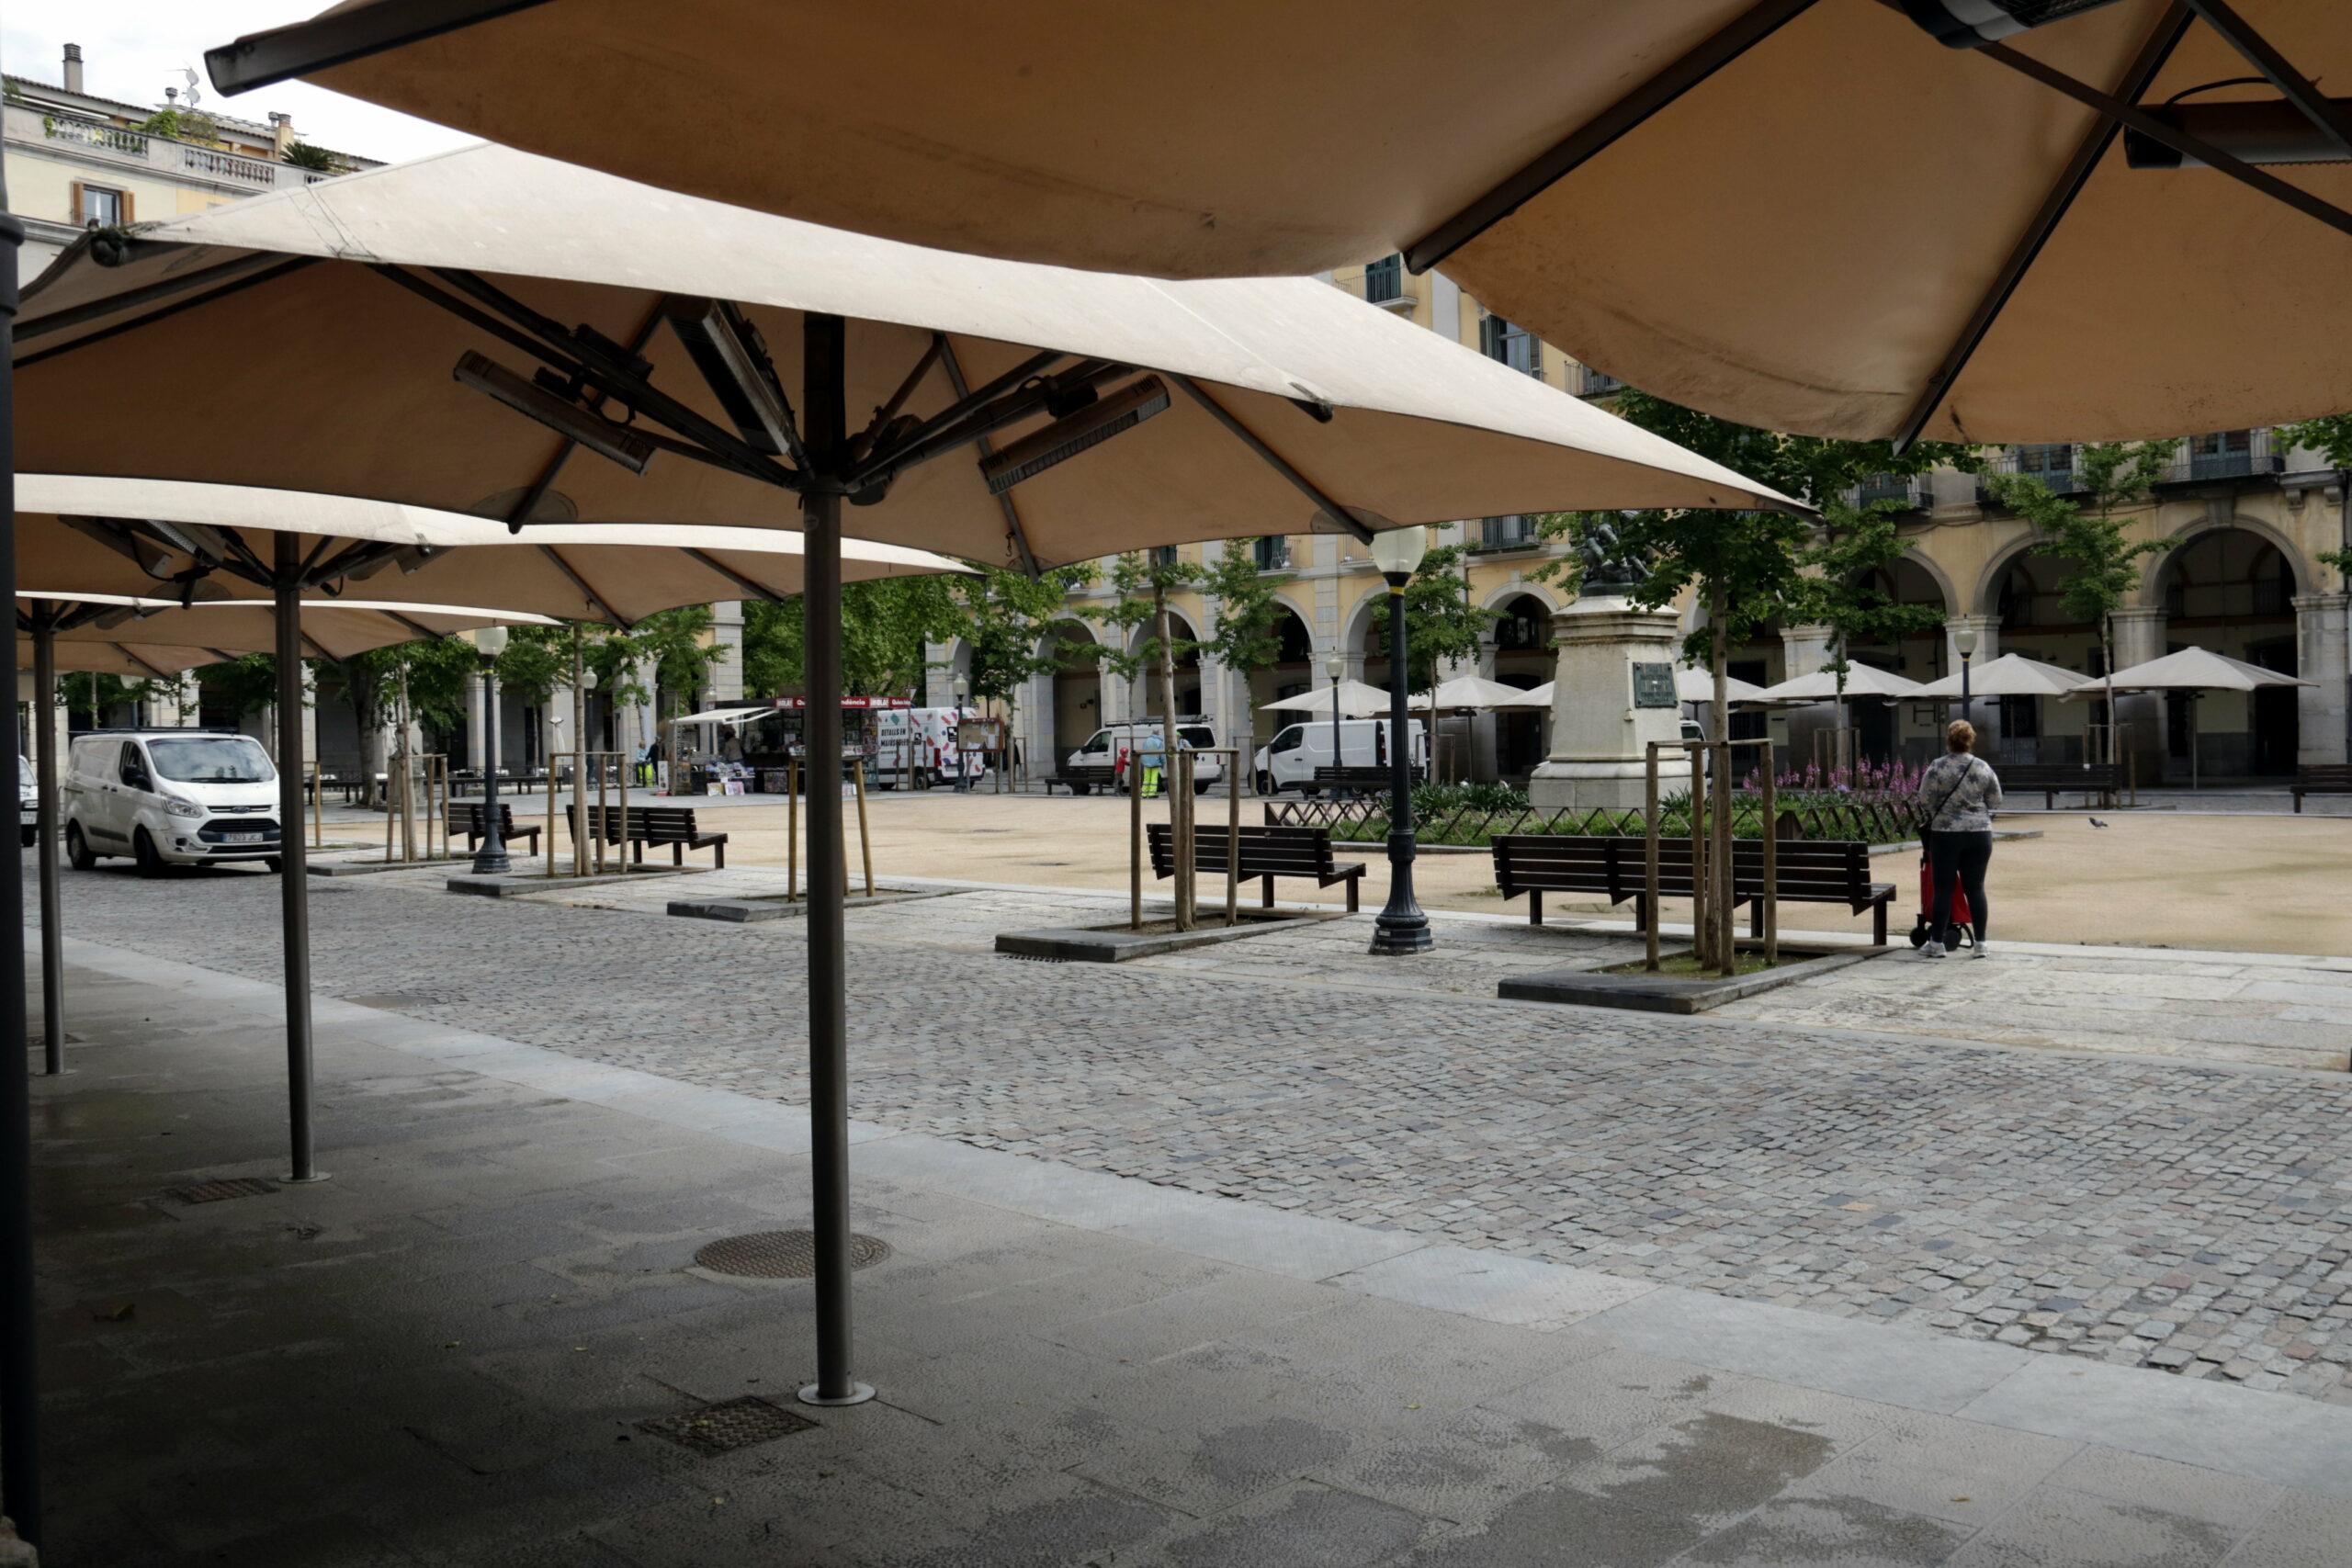 La plaça Independència de Girona, amb els restaurants i les terrasses tancades | ACN